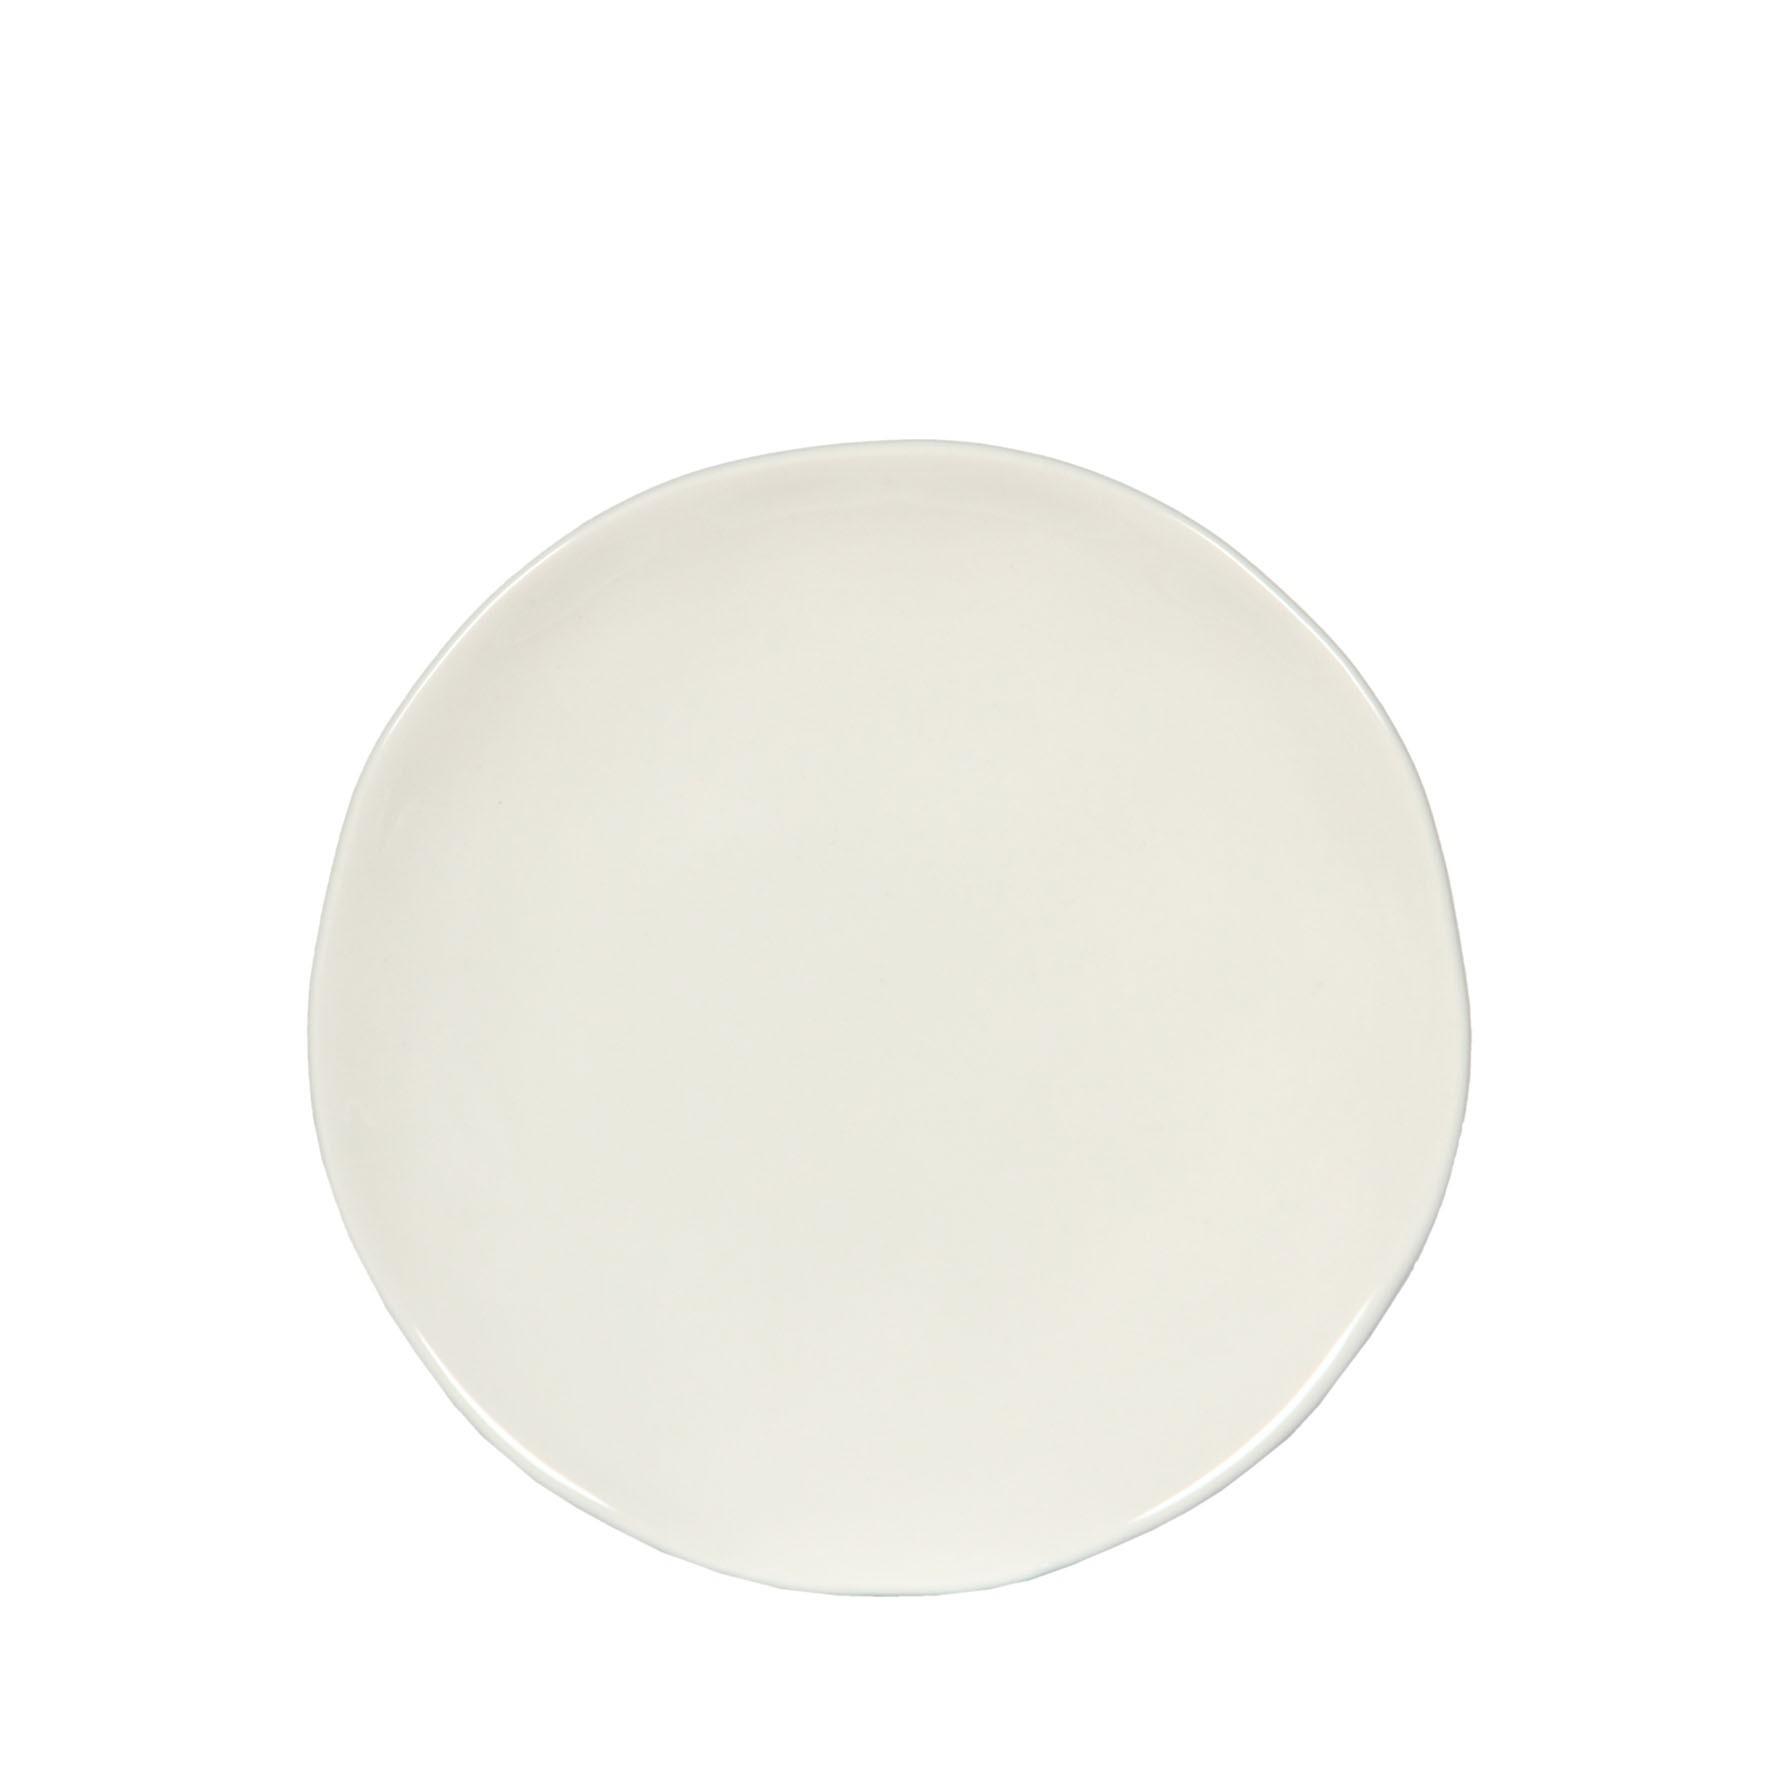 craft assiette dessert 21cm faience blanche (par6)